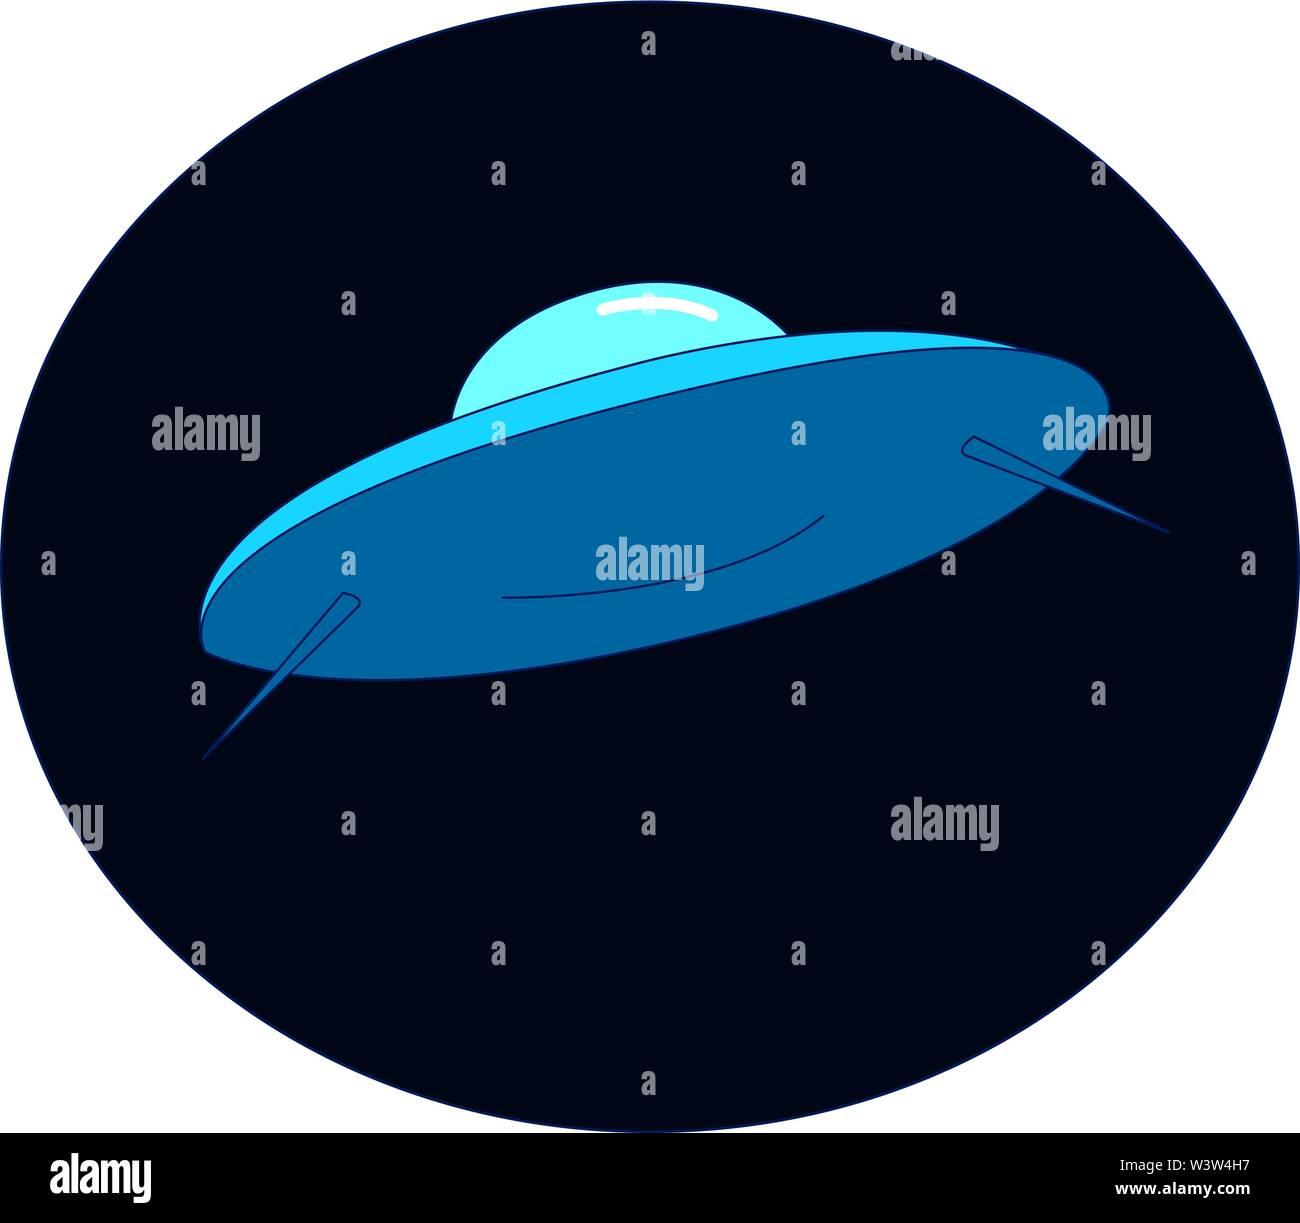 Vaisseau spatial dans l'espace, vecteur illustration, sur fond blanc. Photo Stock